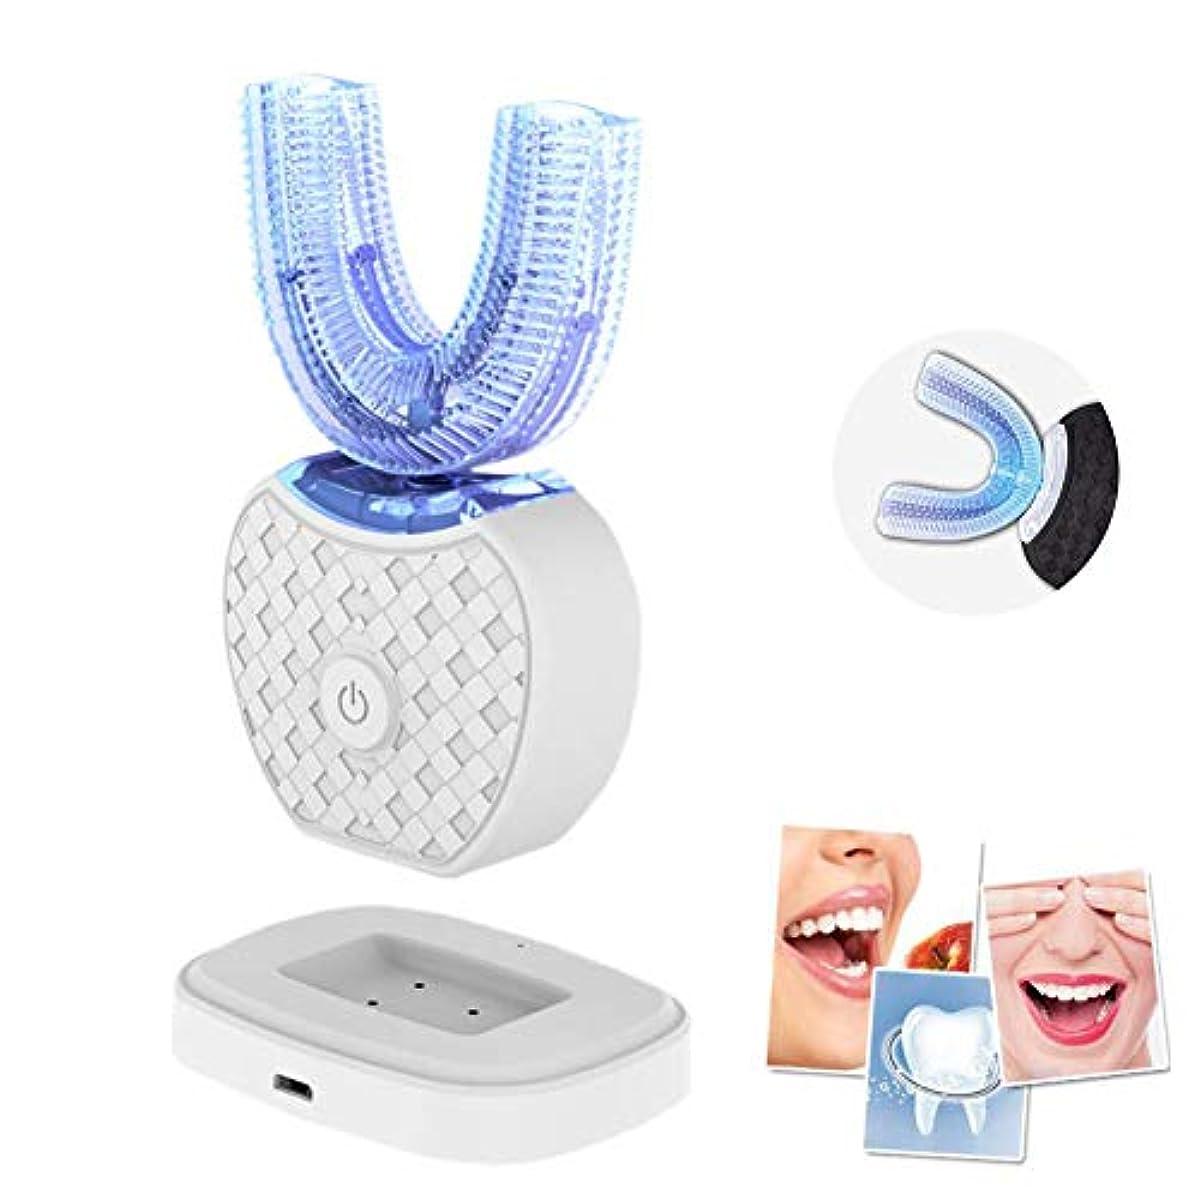 チケット個人あいさつスマート怠惰なシリコーン電動歯ブラシを360度ワイヤレス歯のクリーナーパーソナルケア、防水USB充電をホワイトニング